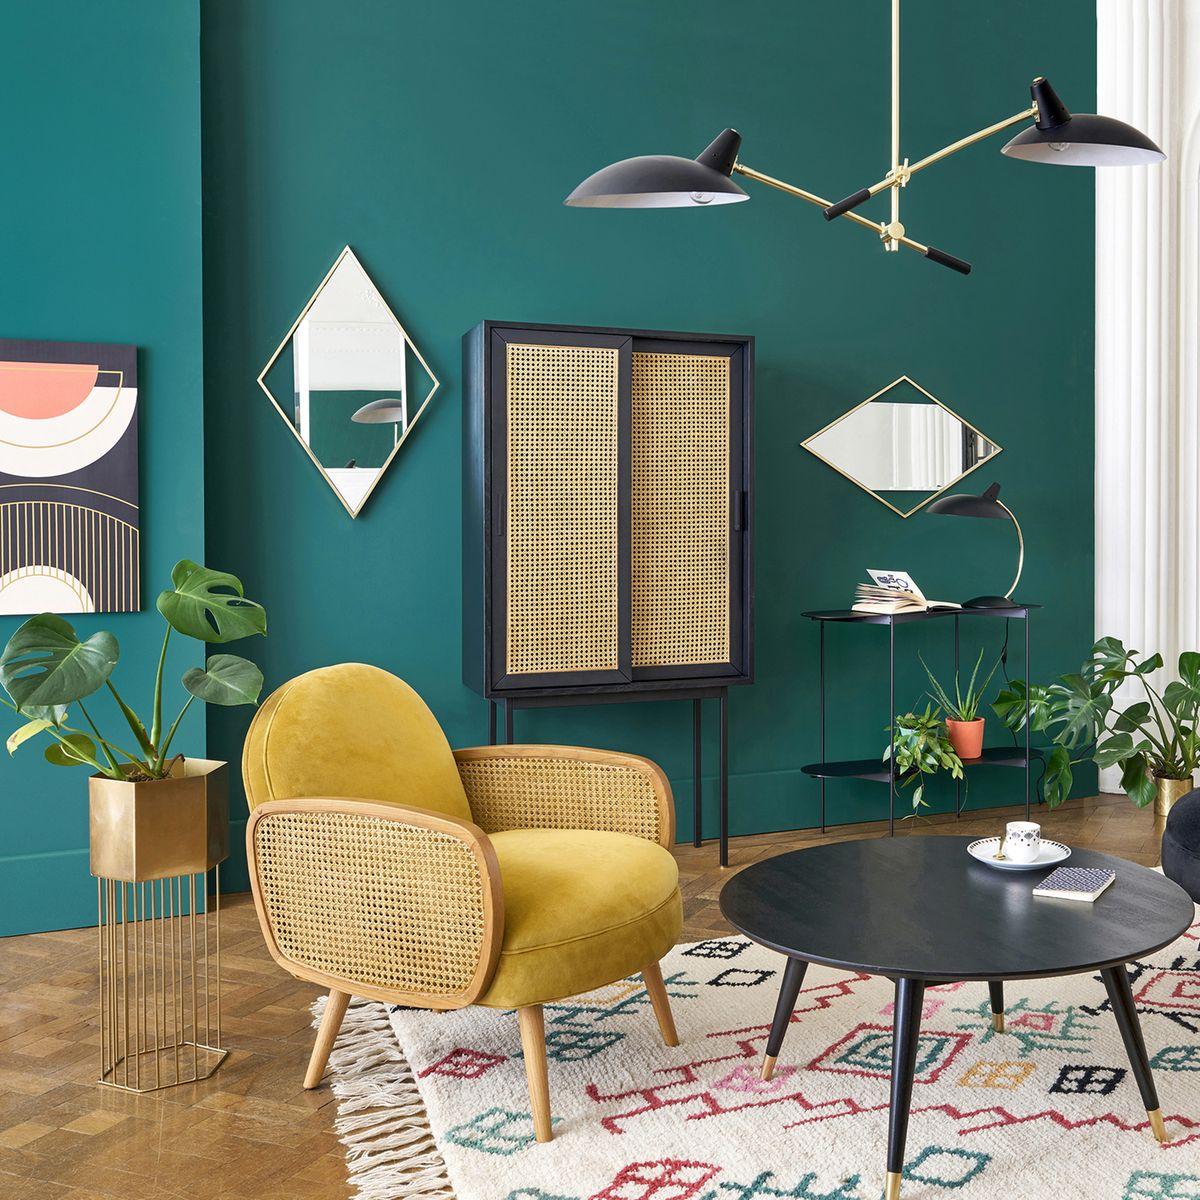 clemaroundthecorner salon moderne vintage fauteuil rond cannage jaune moutarde mur bleu miroir losange laiton